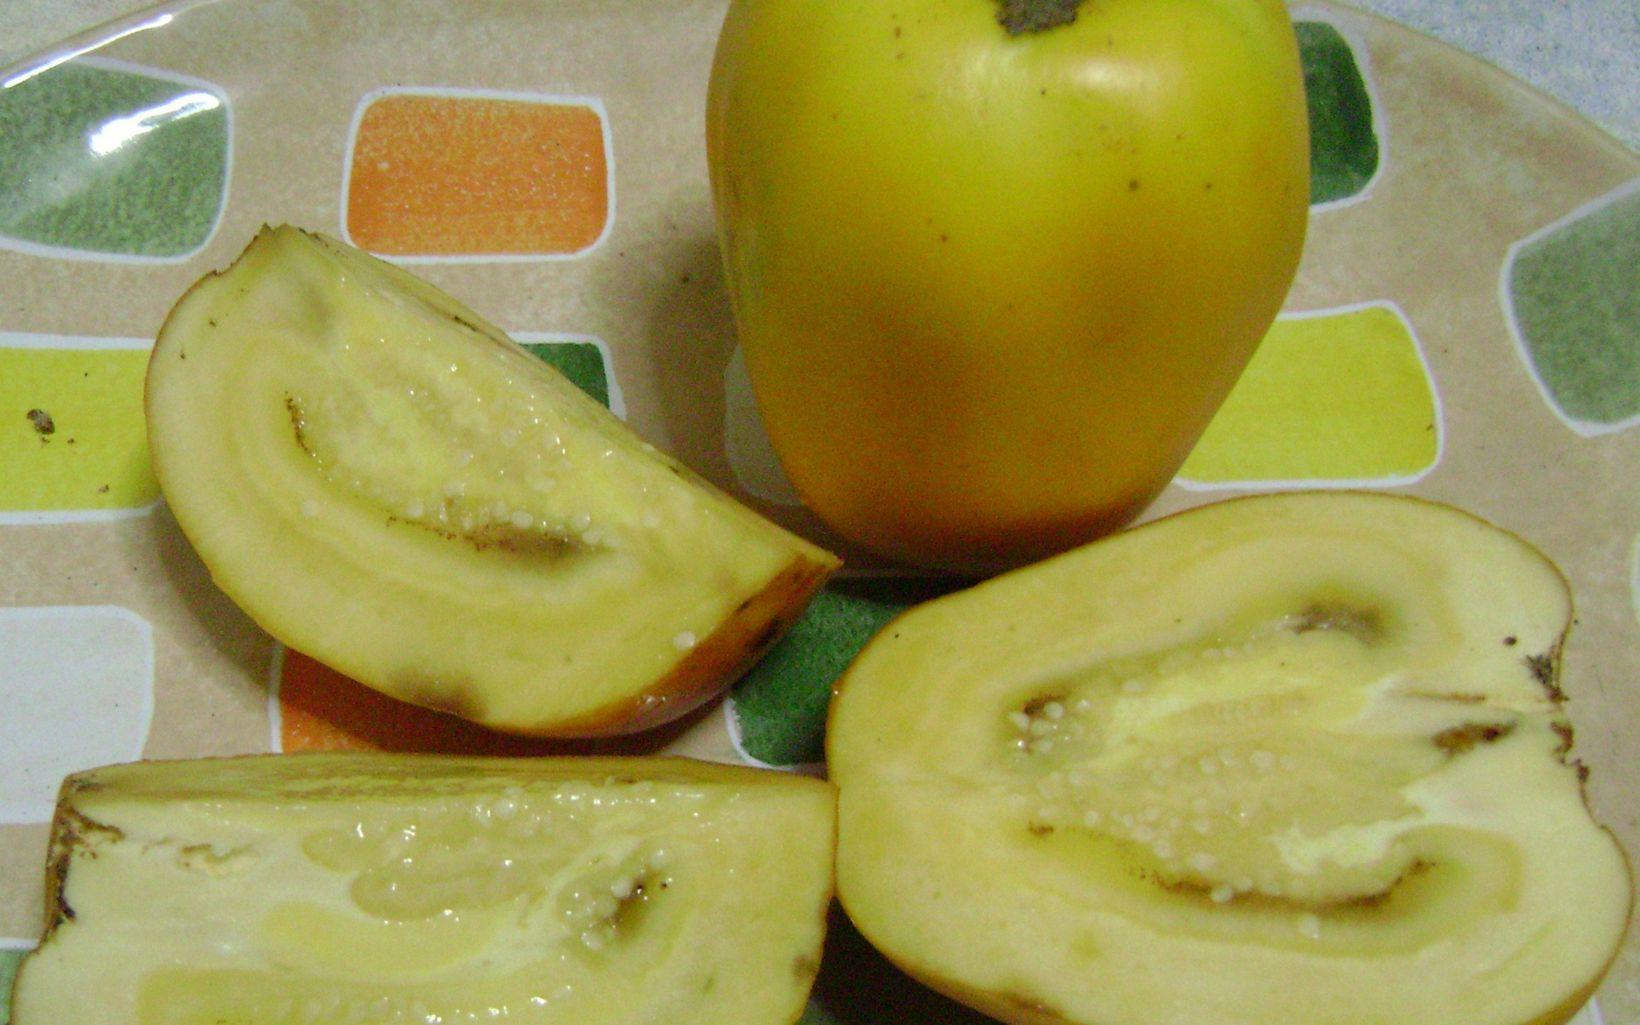 Se parece a un tomate estándar. Se ha demostrado que tiene un efecto más acentuado que las naranjas para reducir colesterol. Se usa en preparaciones dulces.